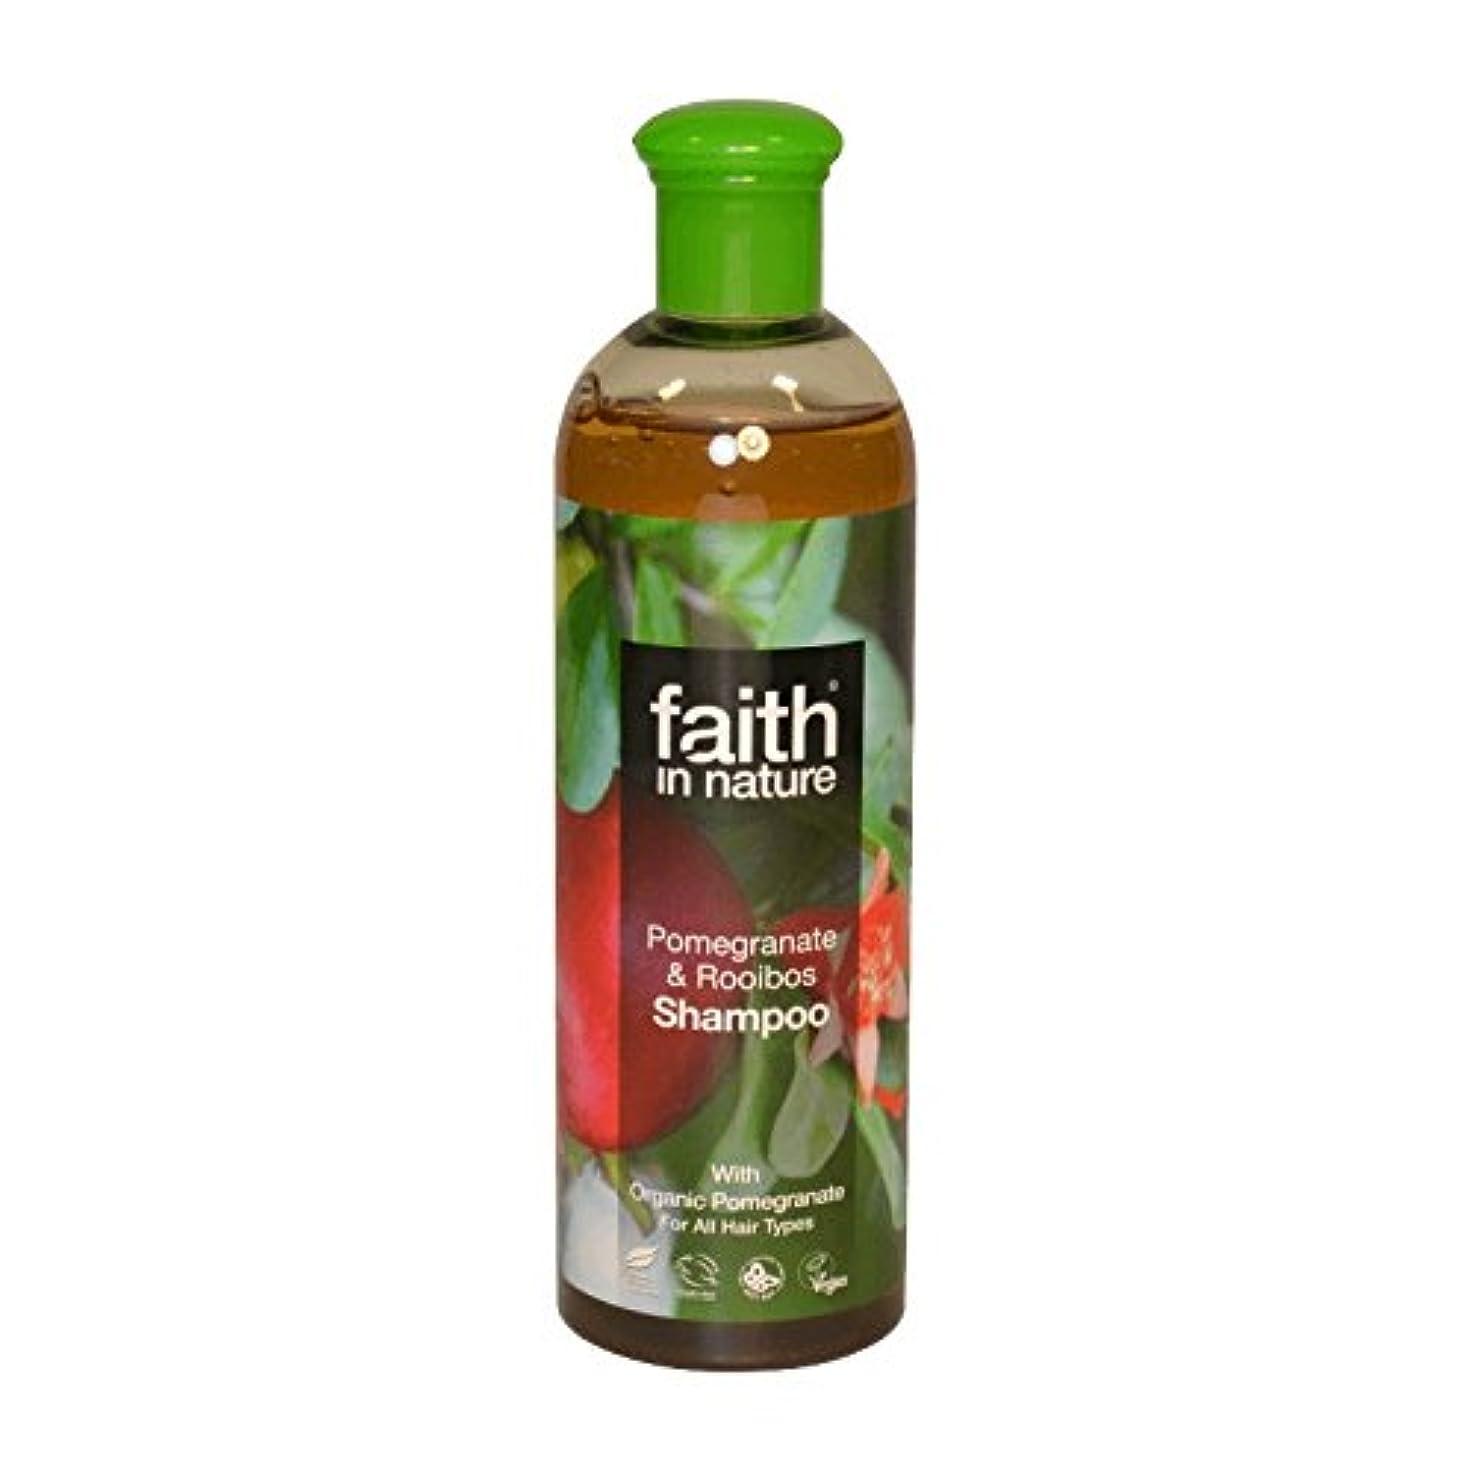 銀行前売既に自然ザクロ&Roobiosシャンプー400ミリリットルの信仰 - Faith in Nature Pomegranate & Roobios Shampoo 400ml (Faith in Nature) [並行輸入品]